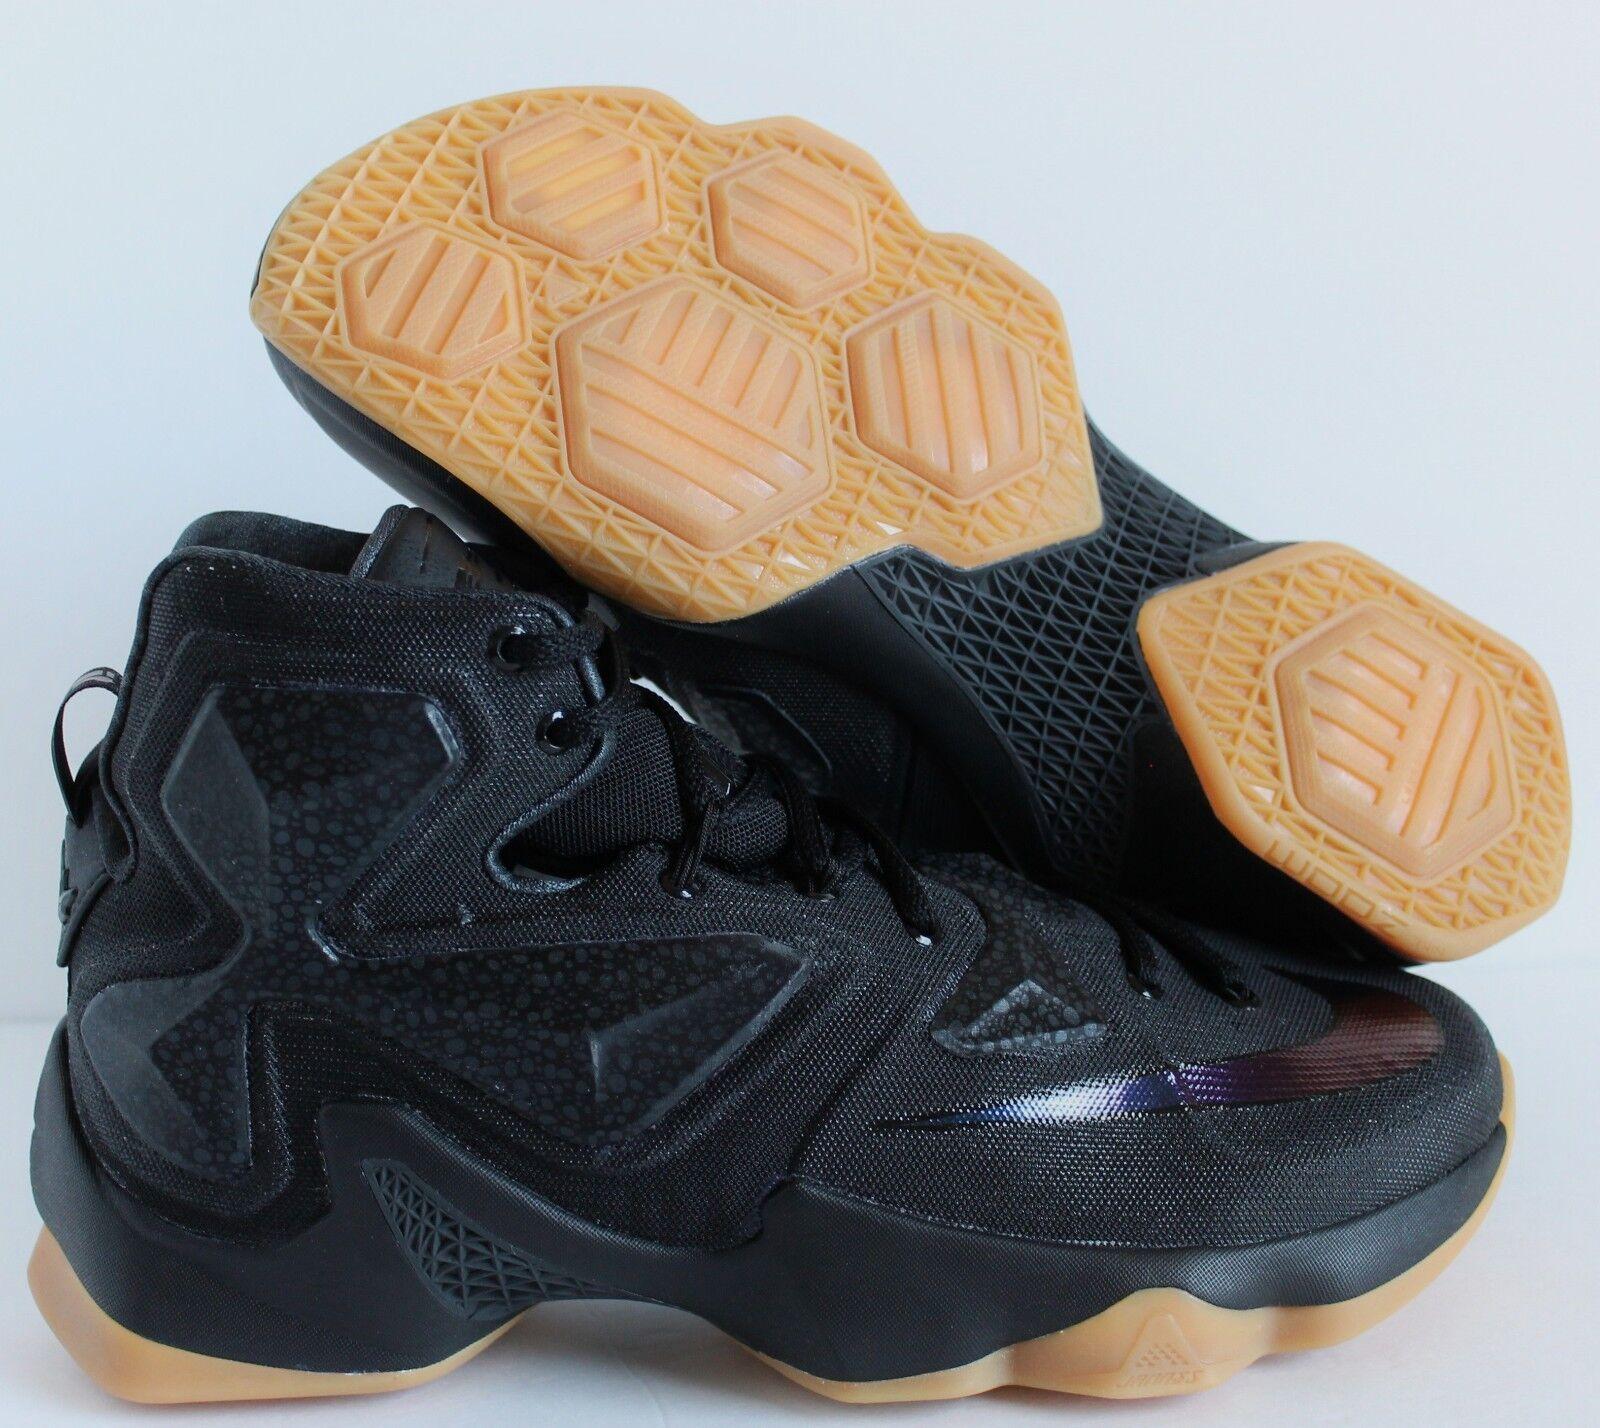 Nike de Negro LeBron XIII 13 temporada Negro de Negro anthracite reducción de 4a3cda